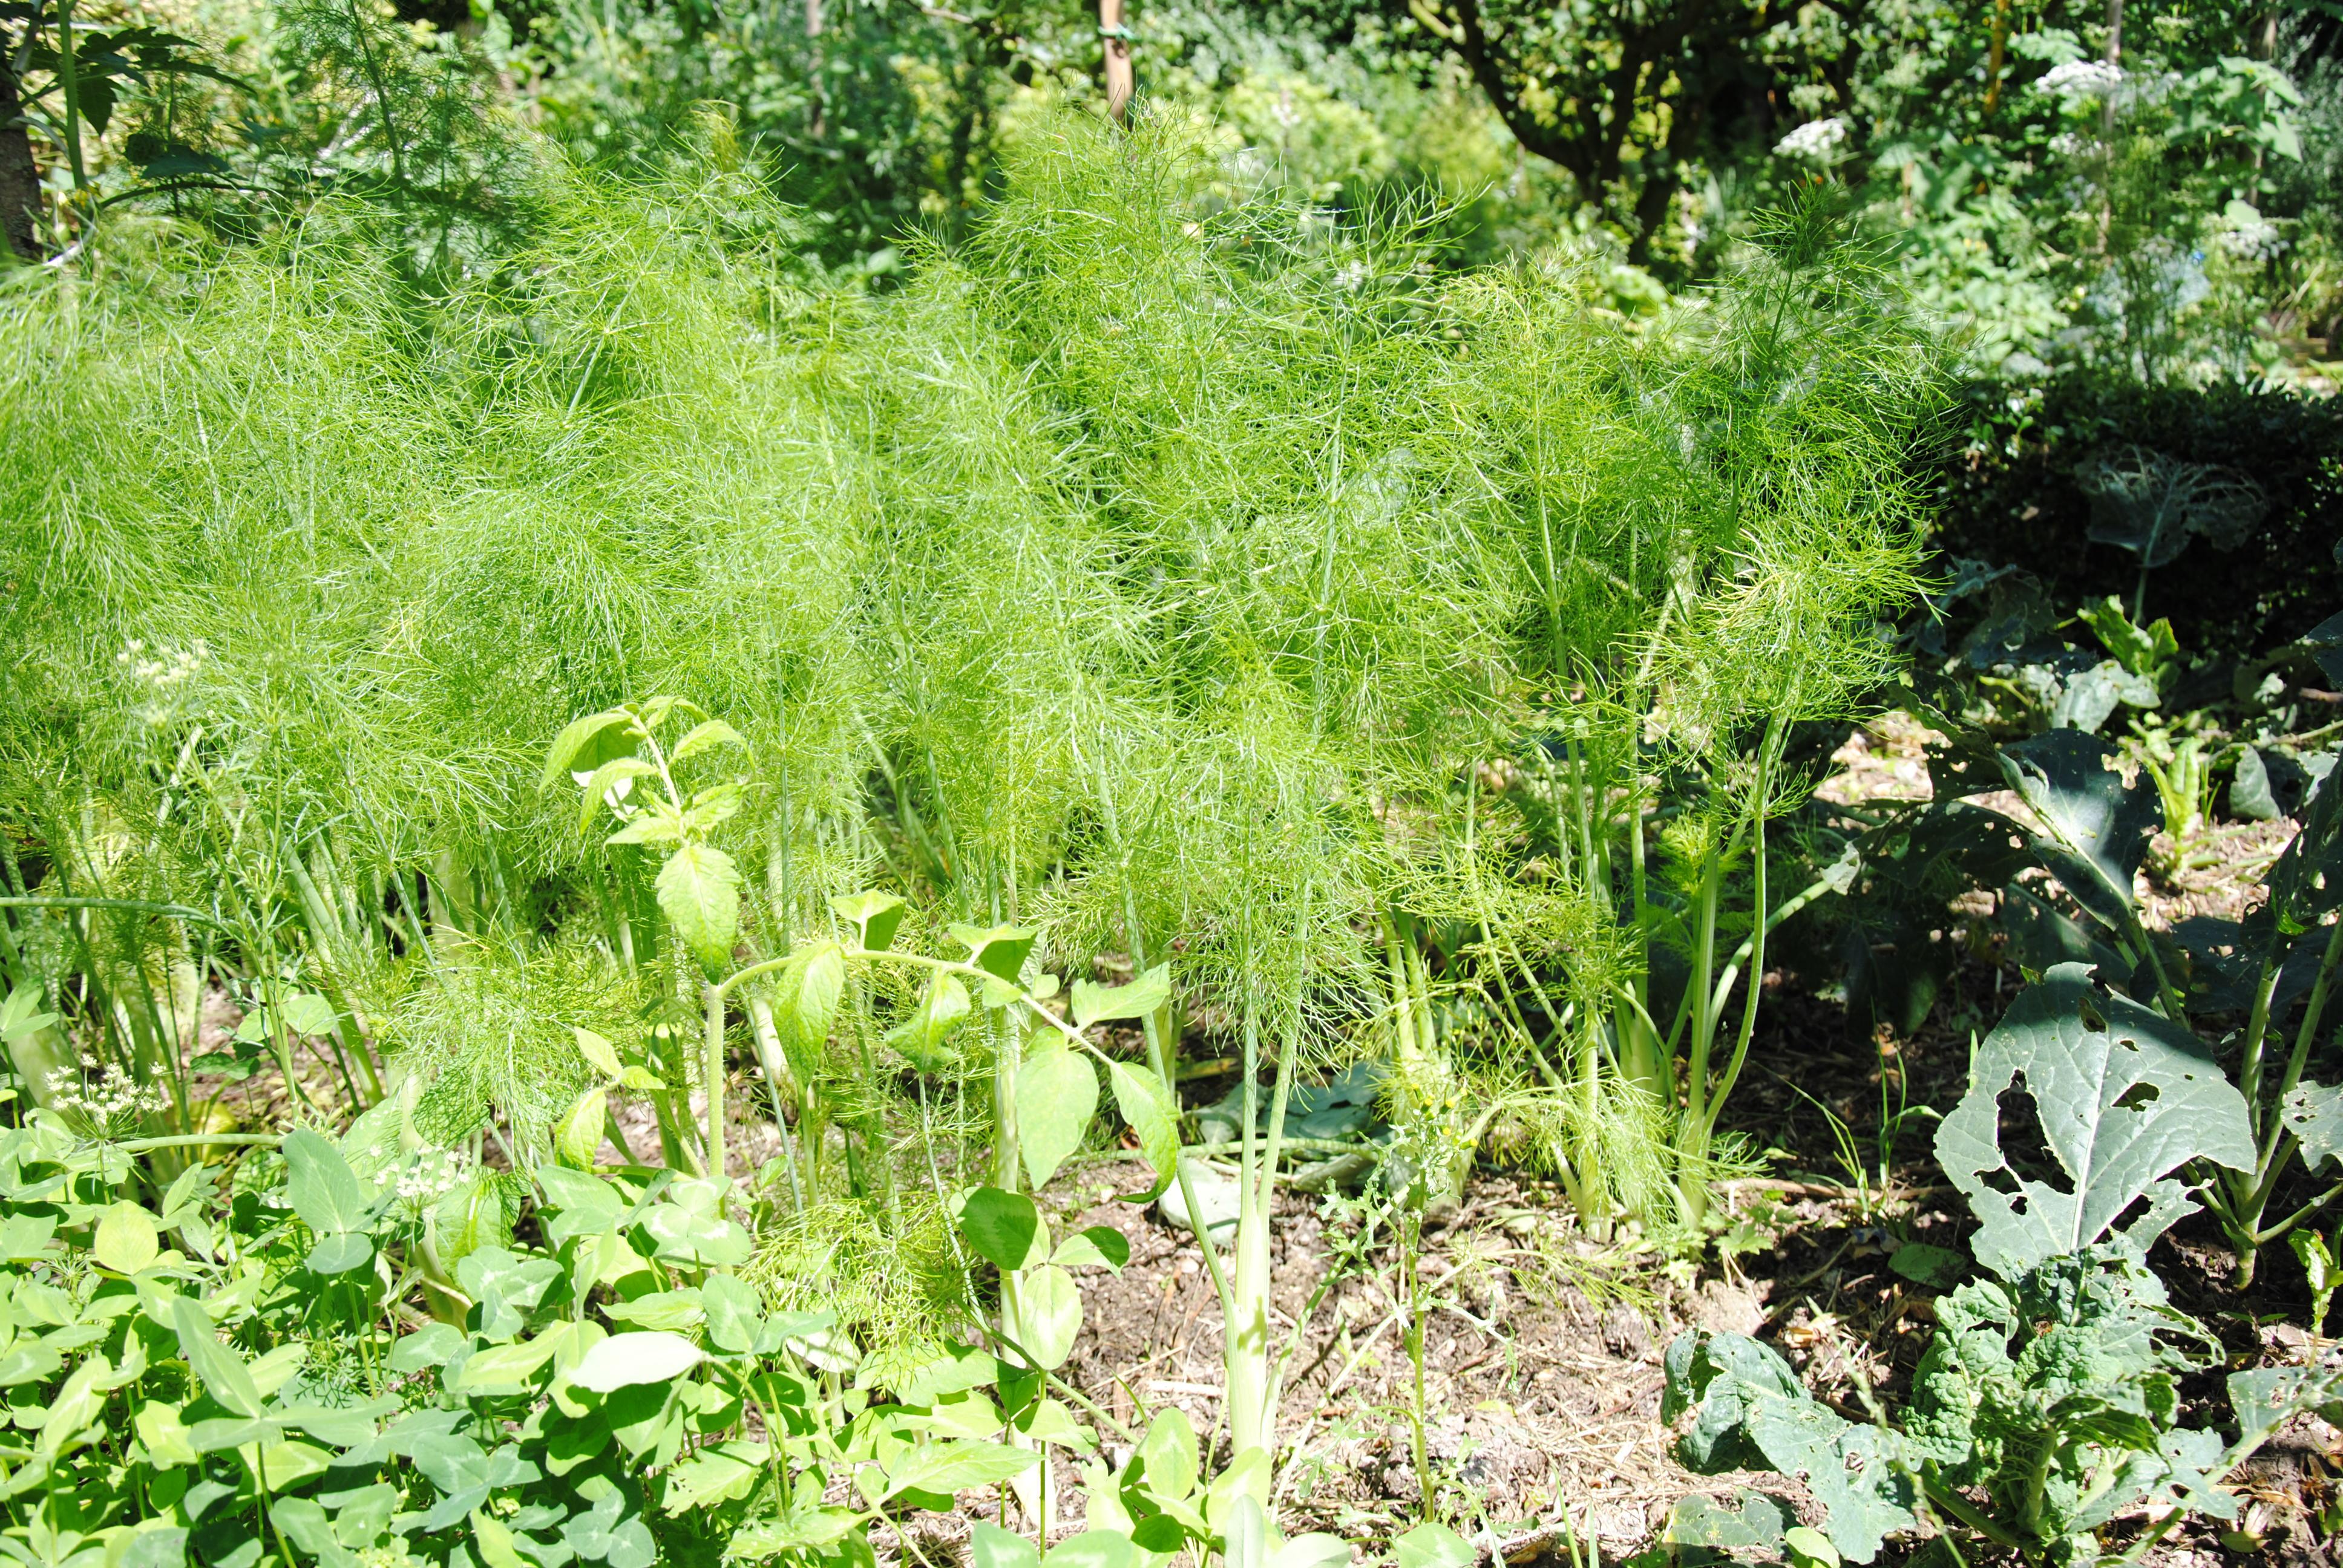 le-grignotage-de-quelques-feuilles-de-brocolis-ne-saurait-remettre-en-cause-labsence-de-tout-traitement-chimique-c-a-guillaumin